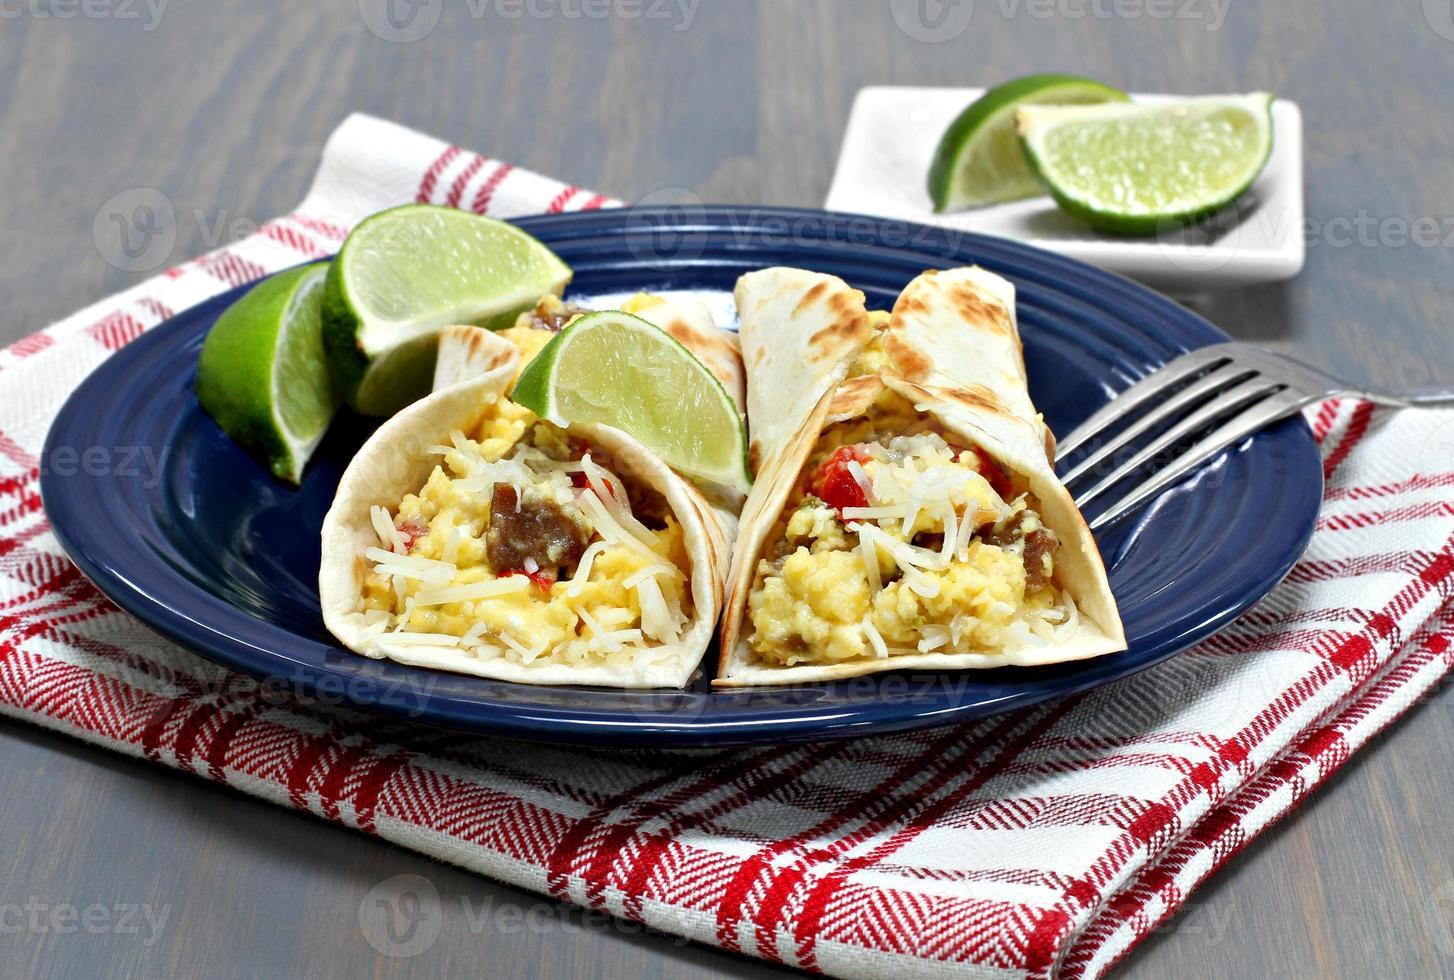 twee ontbijttaco's met chorizo, eieren en paprika. foto